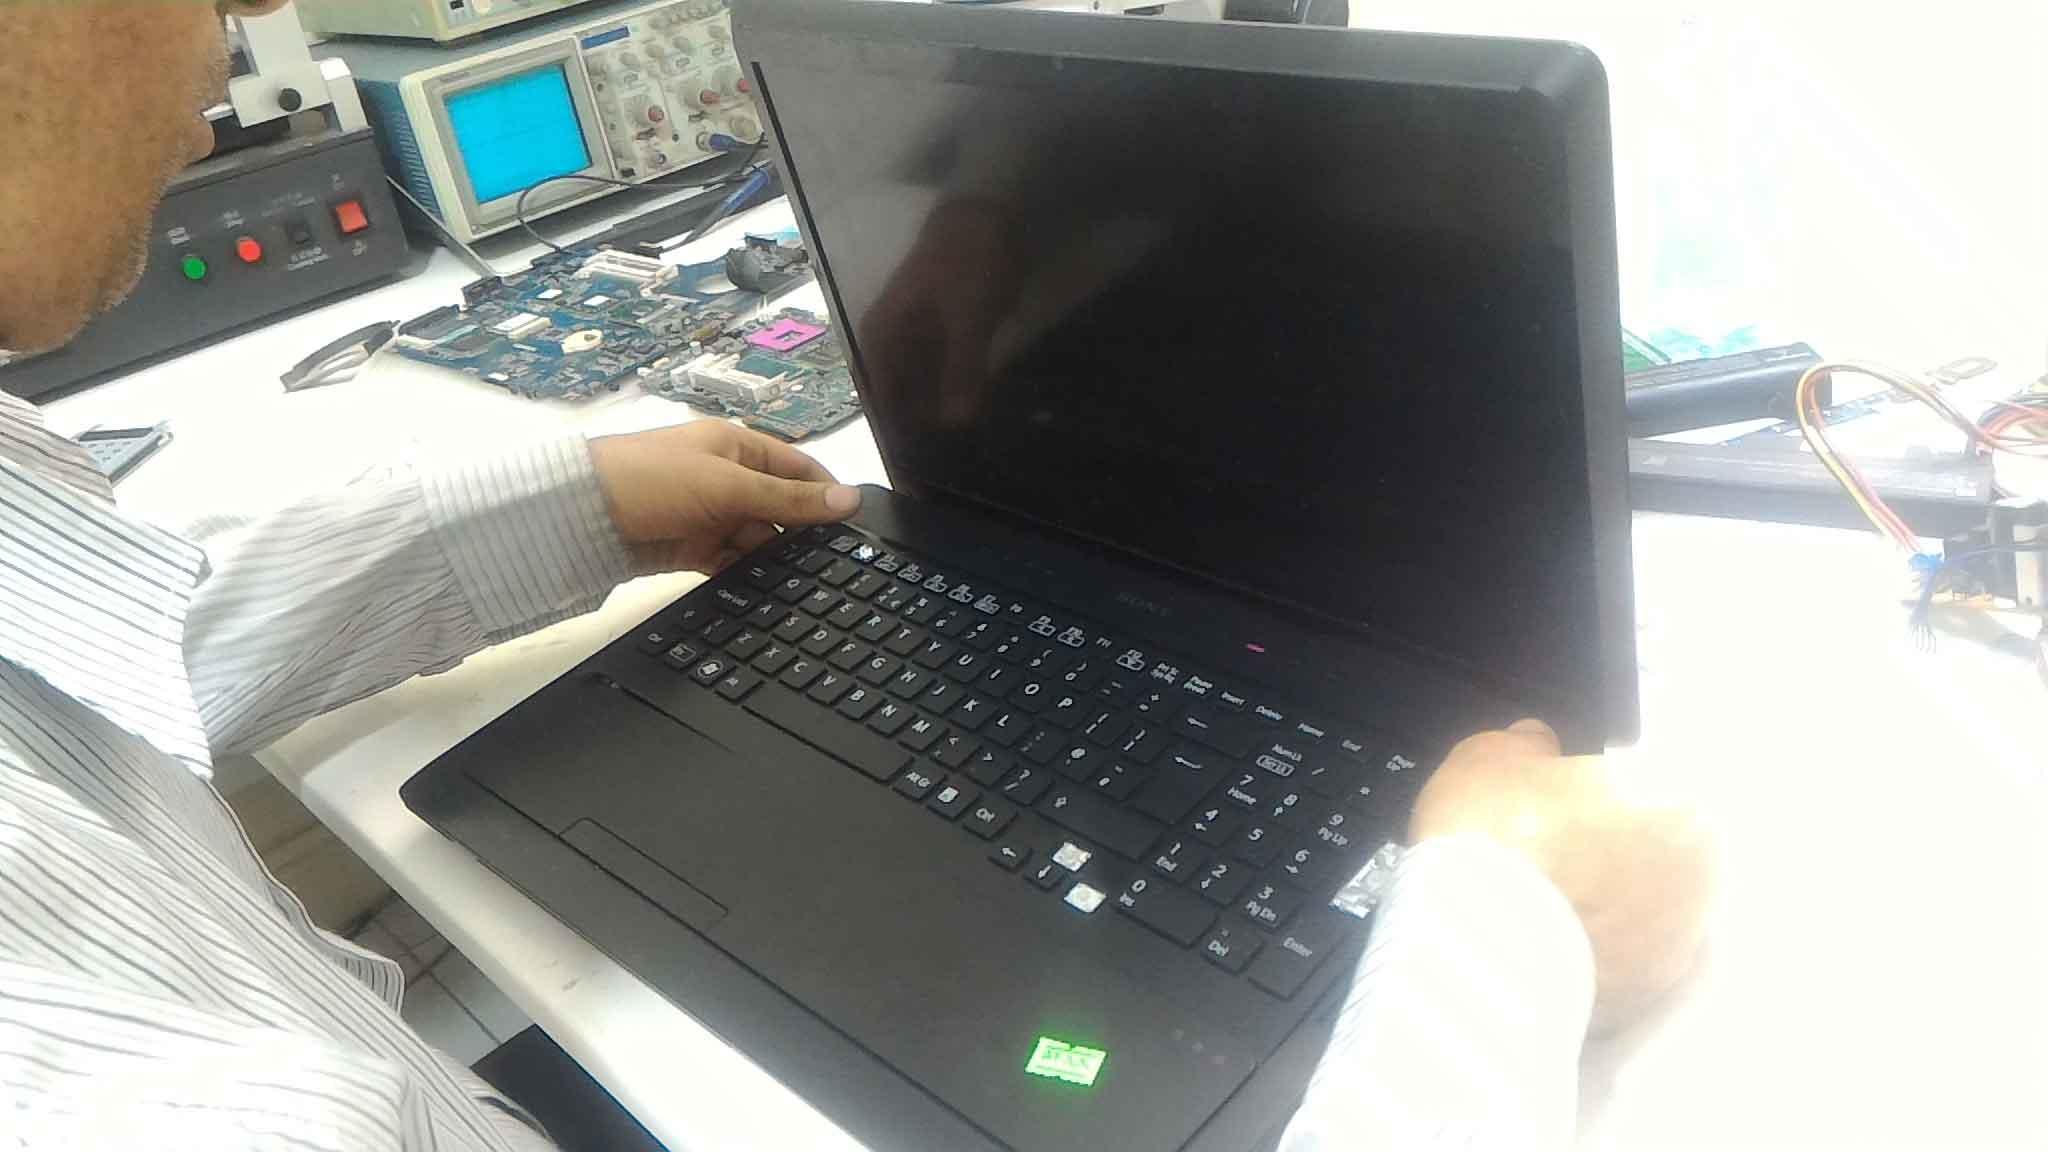 تعمیر لپ تاپ sony - دو